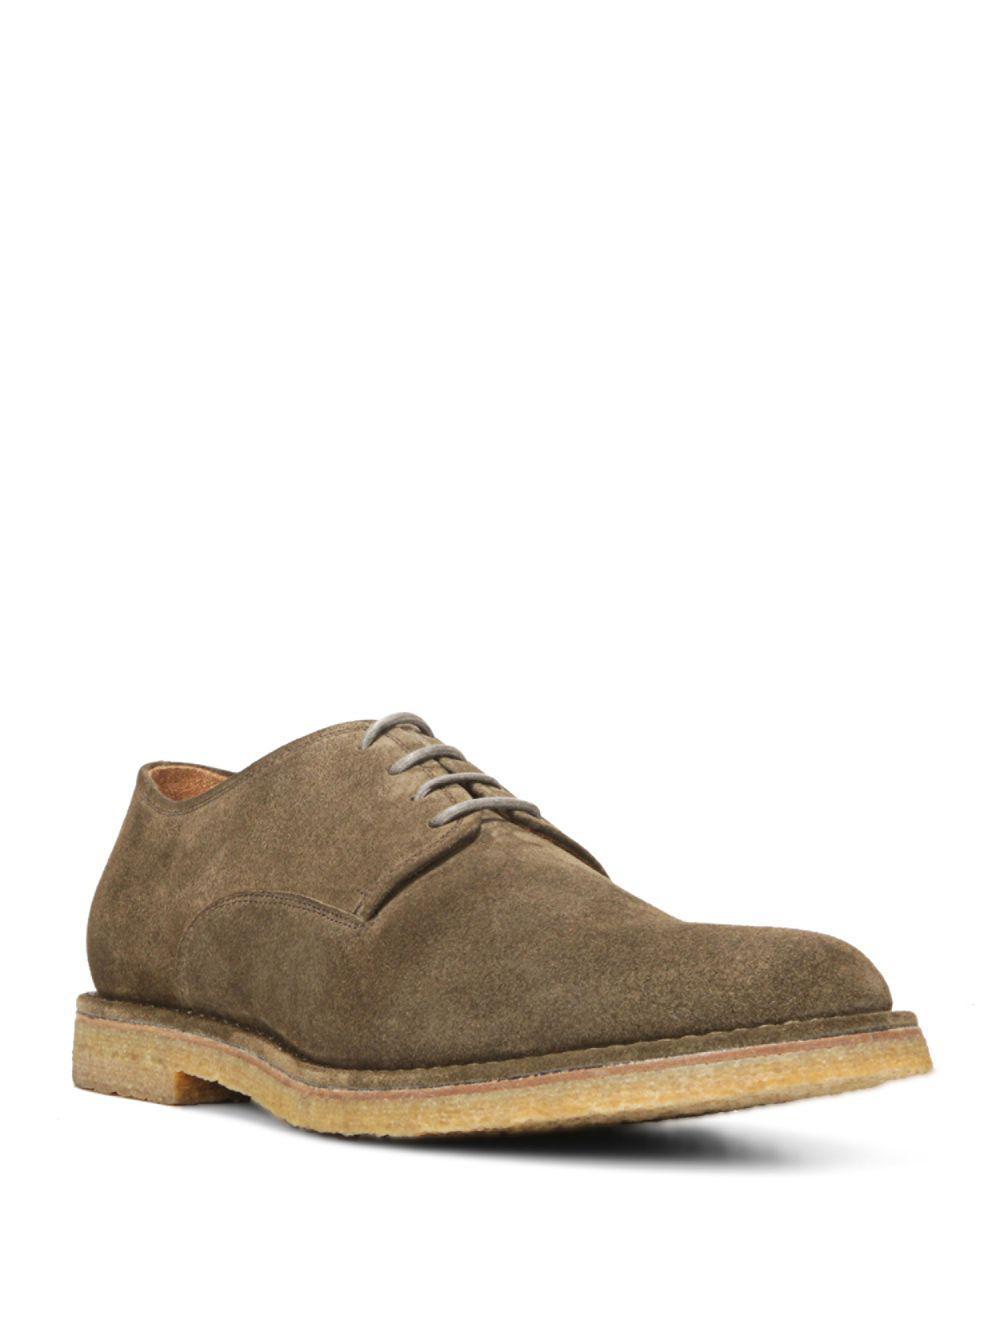 Vince Stetson Suede Lace-Up Shoes 8kK1E